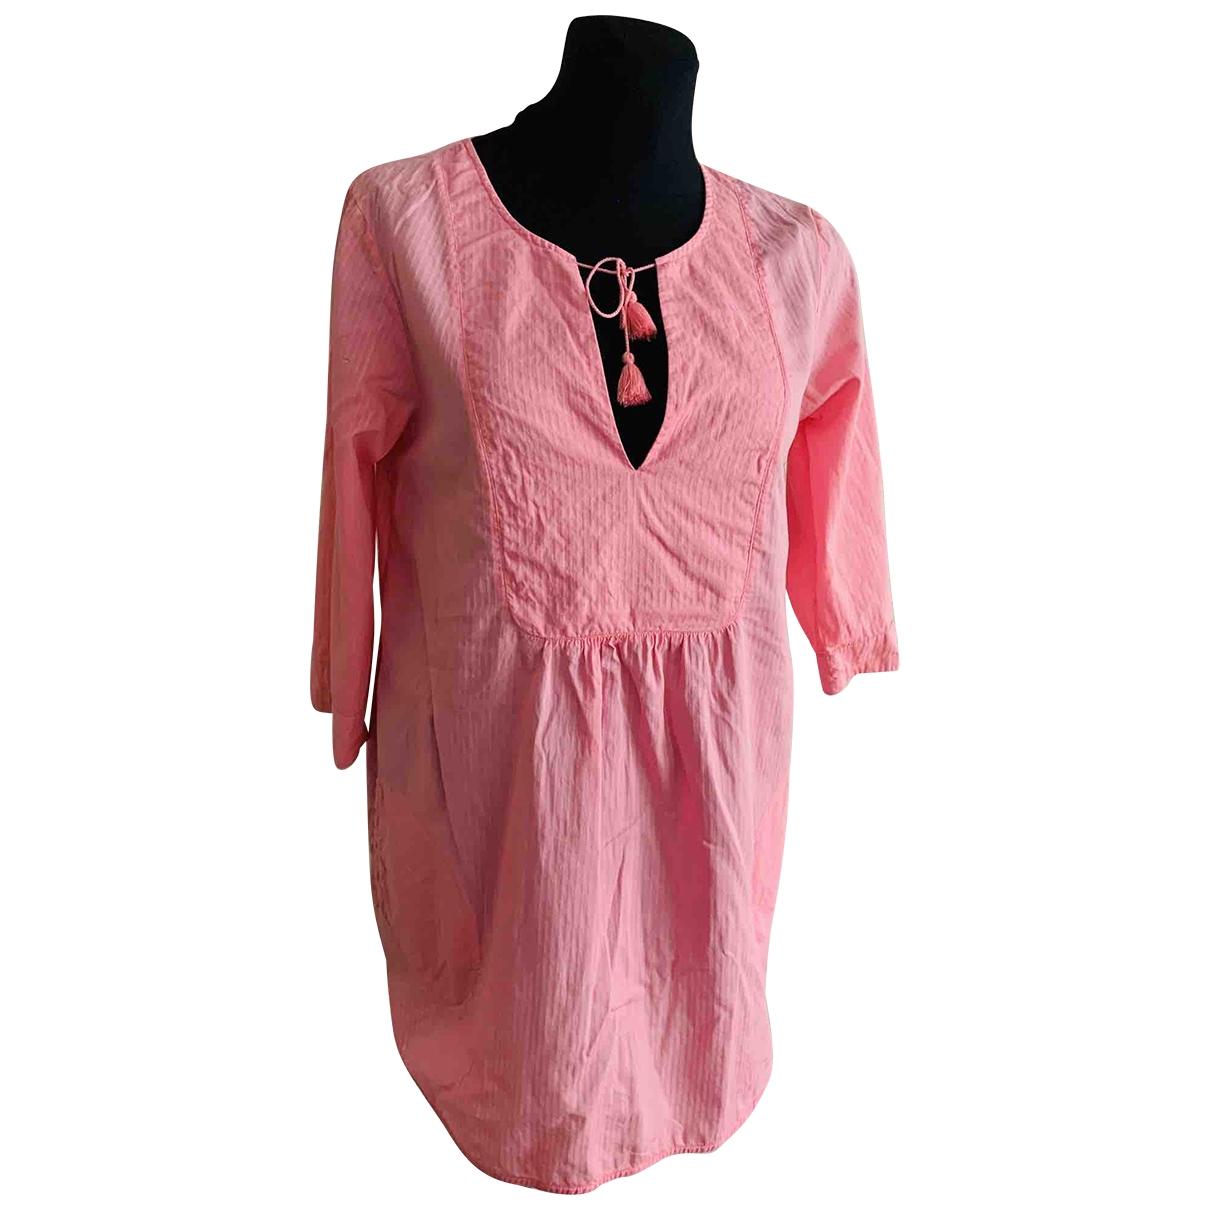 Peak Performance - Top   pour femme en coton - rose